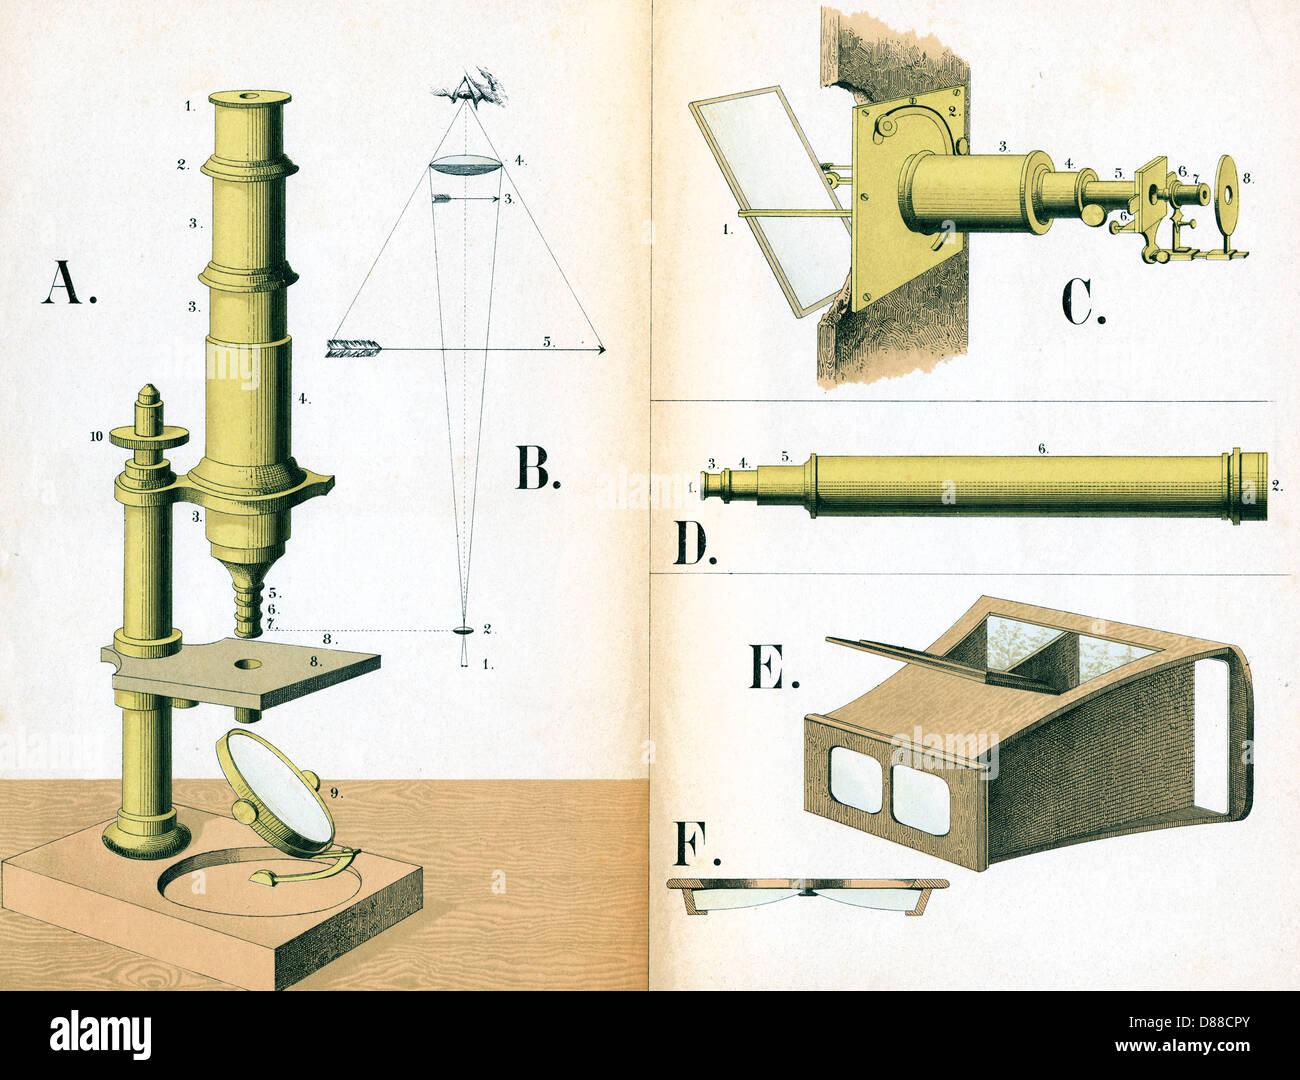 Microscope 1882 - Stock Image